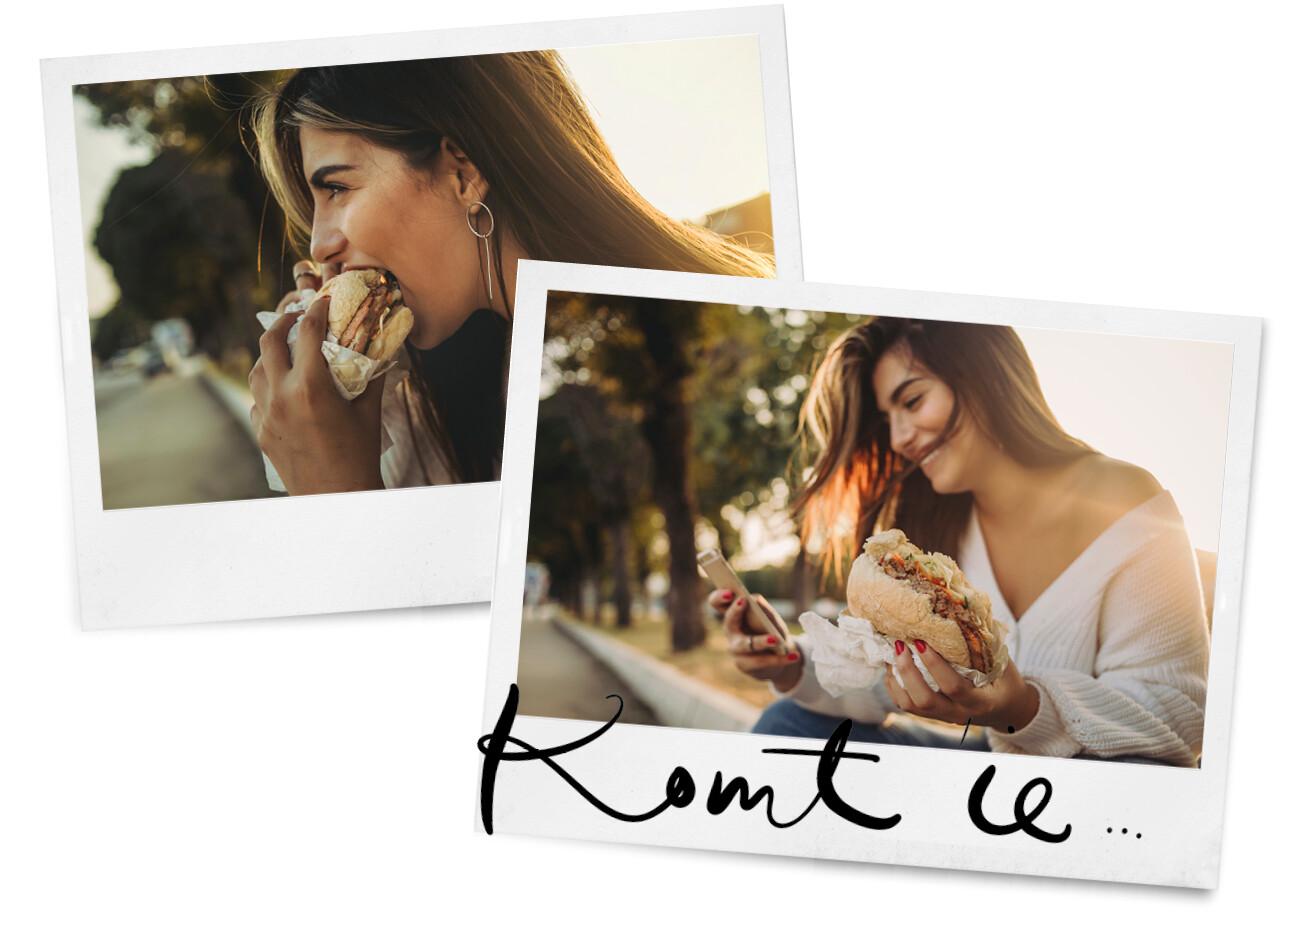 vrouw eet een hamburger